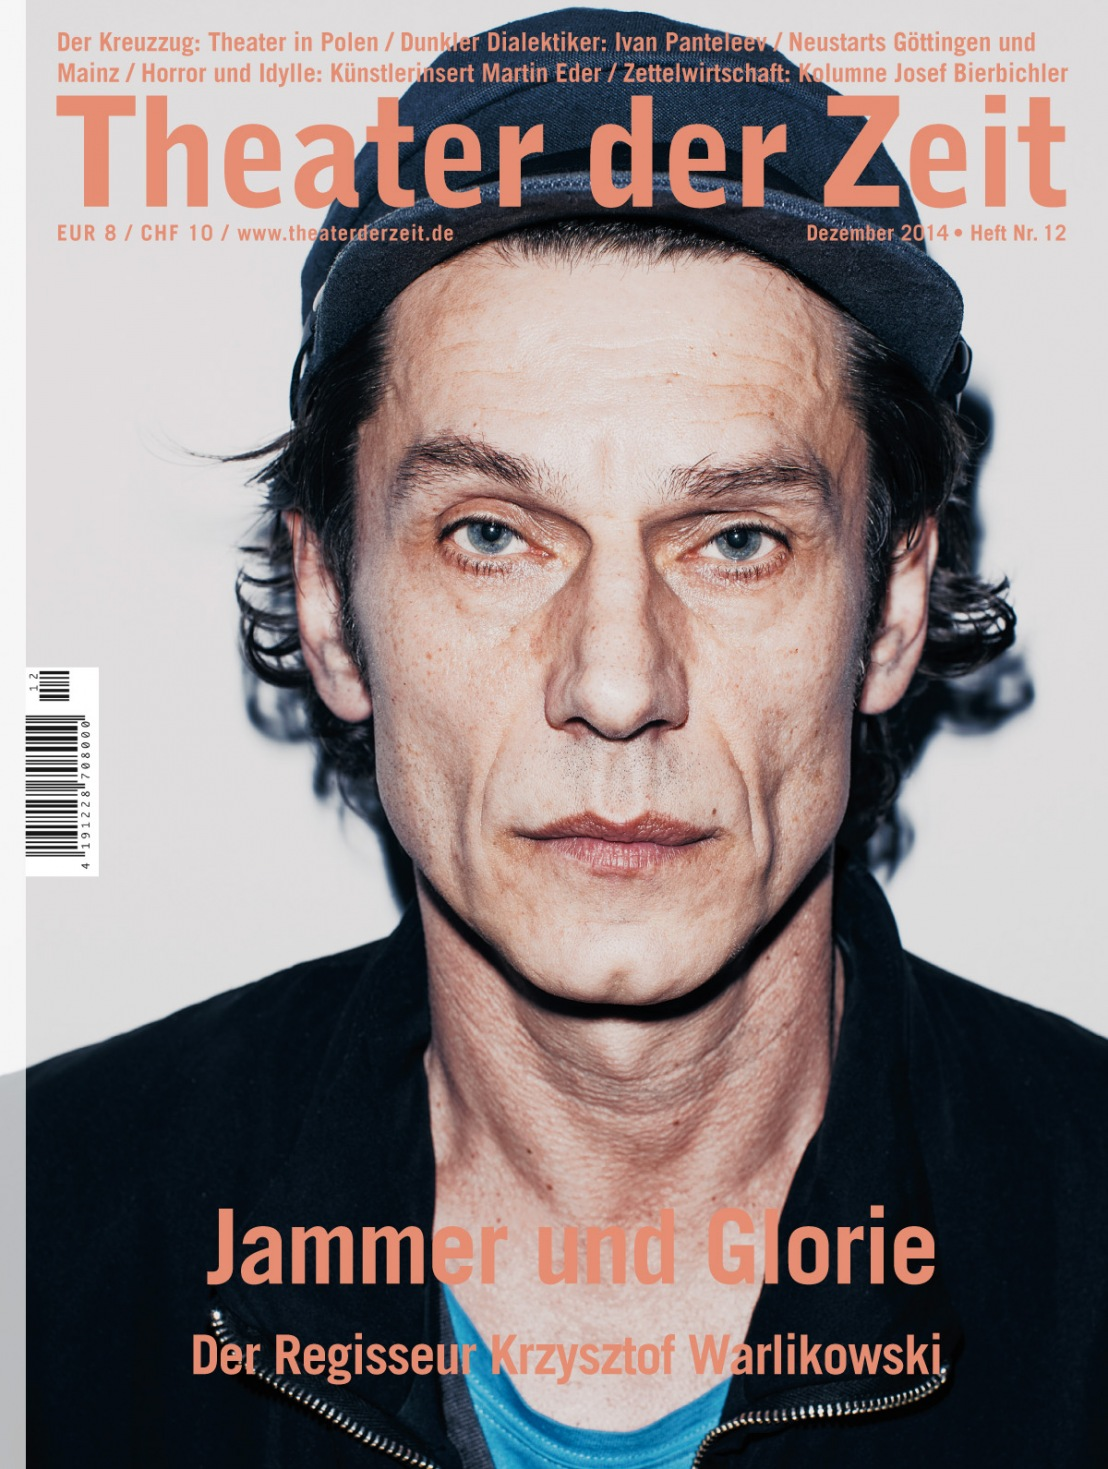 Theater der Zeit 12/2014